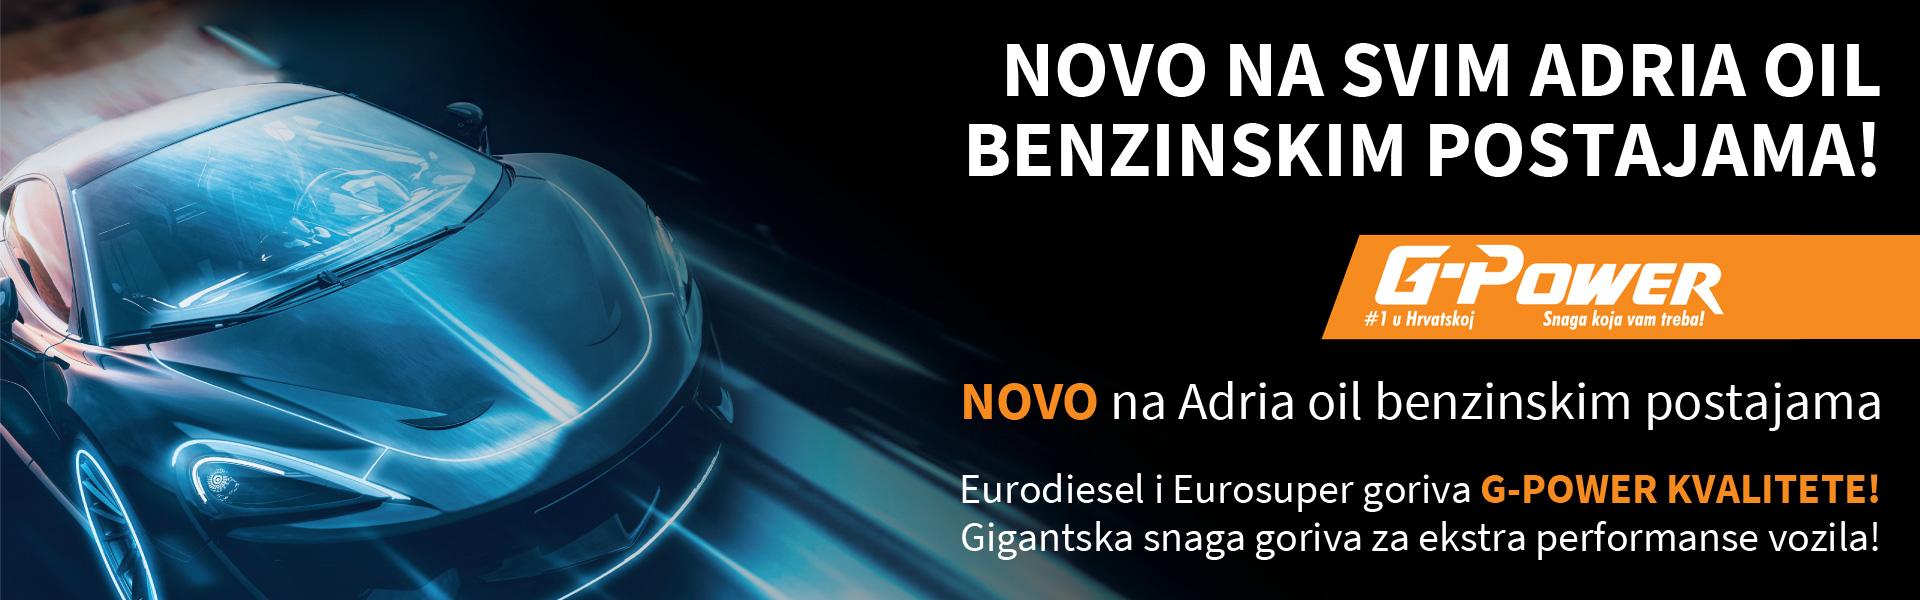 https://www.adriaoil.hr/Repository/Banners/g-power-novo-na-adria-oil-benzinskim-postajama.jpg